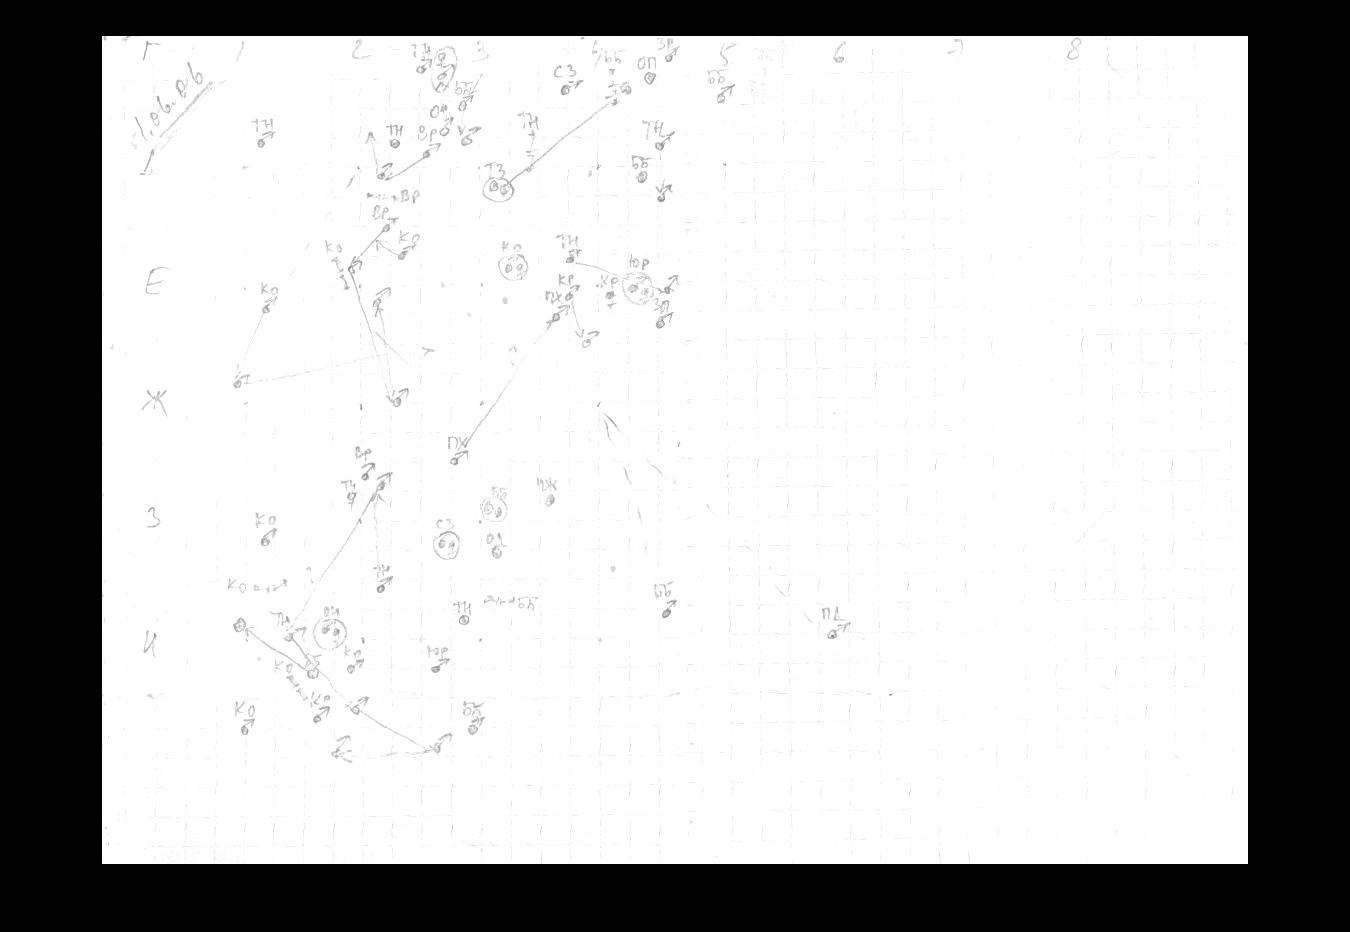 Common Bird Census, или биоинформатика в орнитологии. Проект в хорошие руки - 9